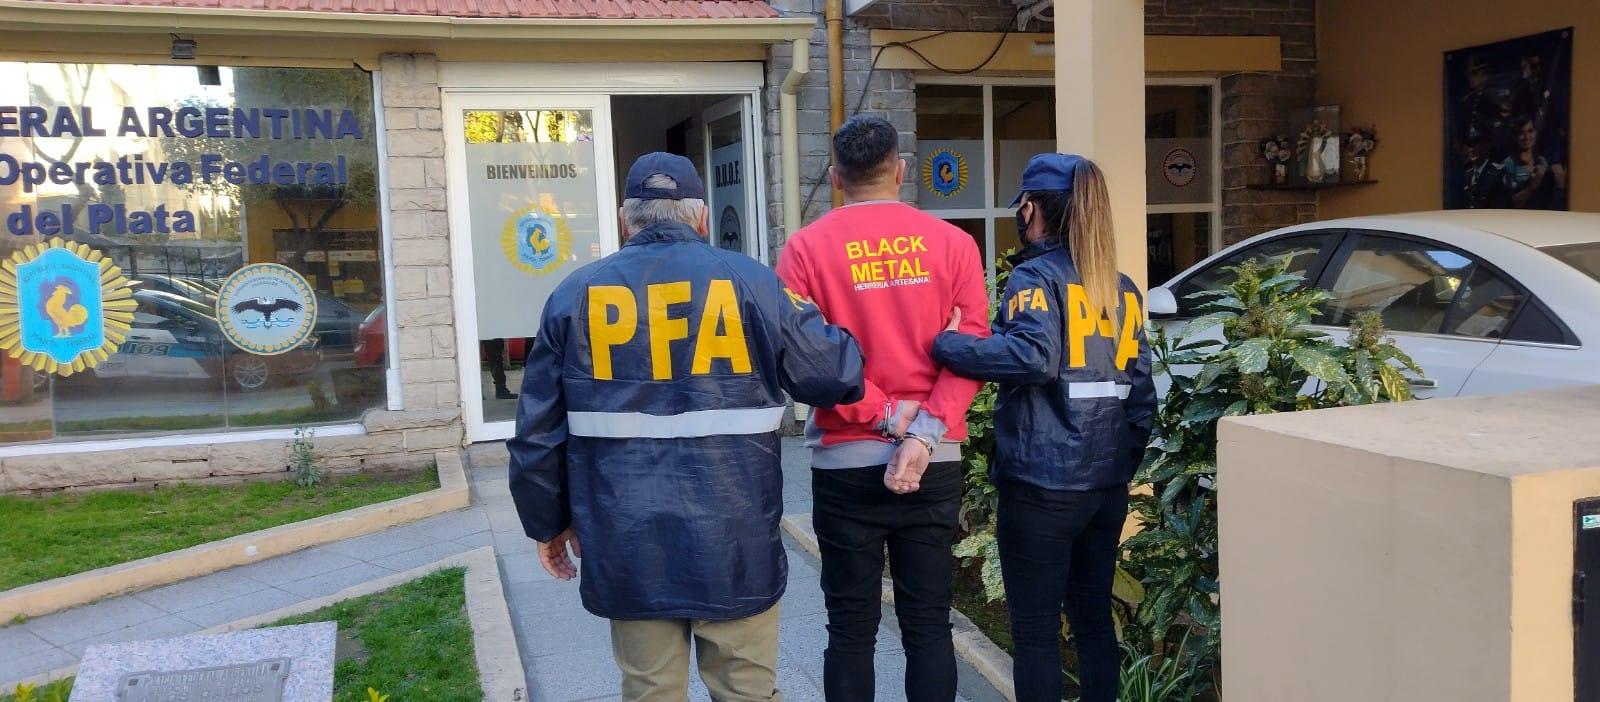 La Policía Federal decomisó gran cantidad de drogas en Mar del Plata